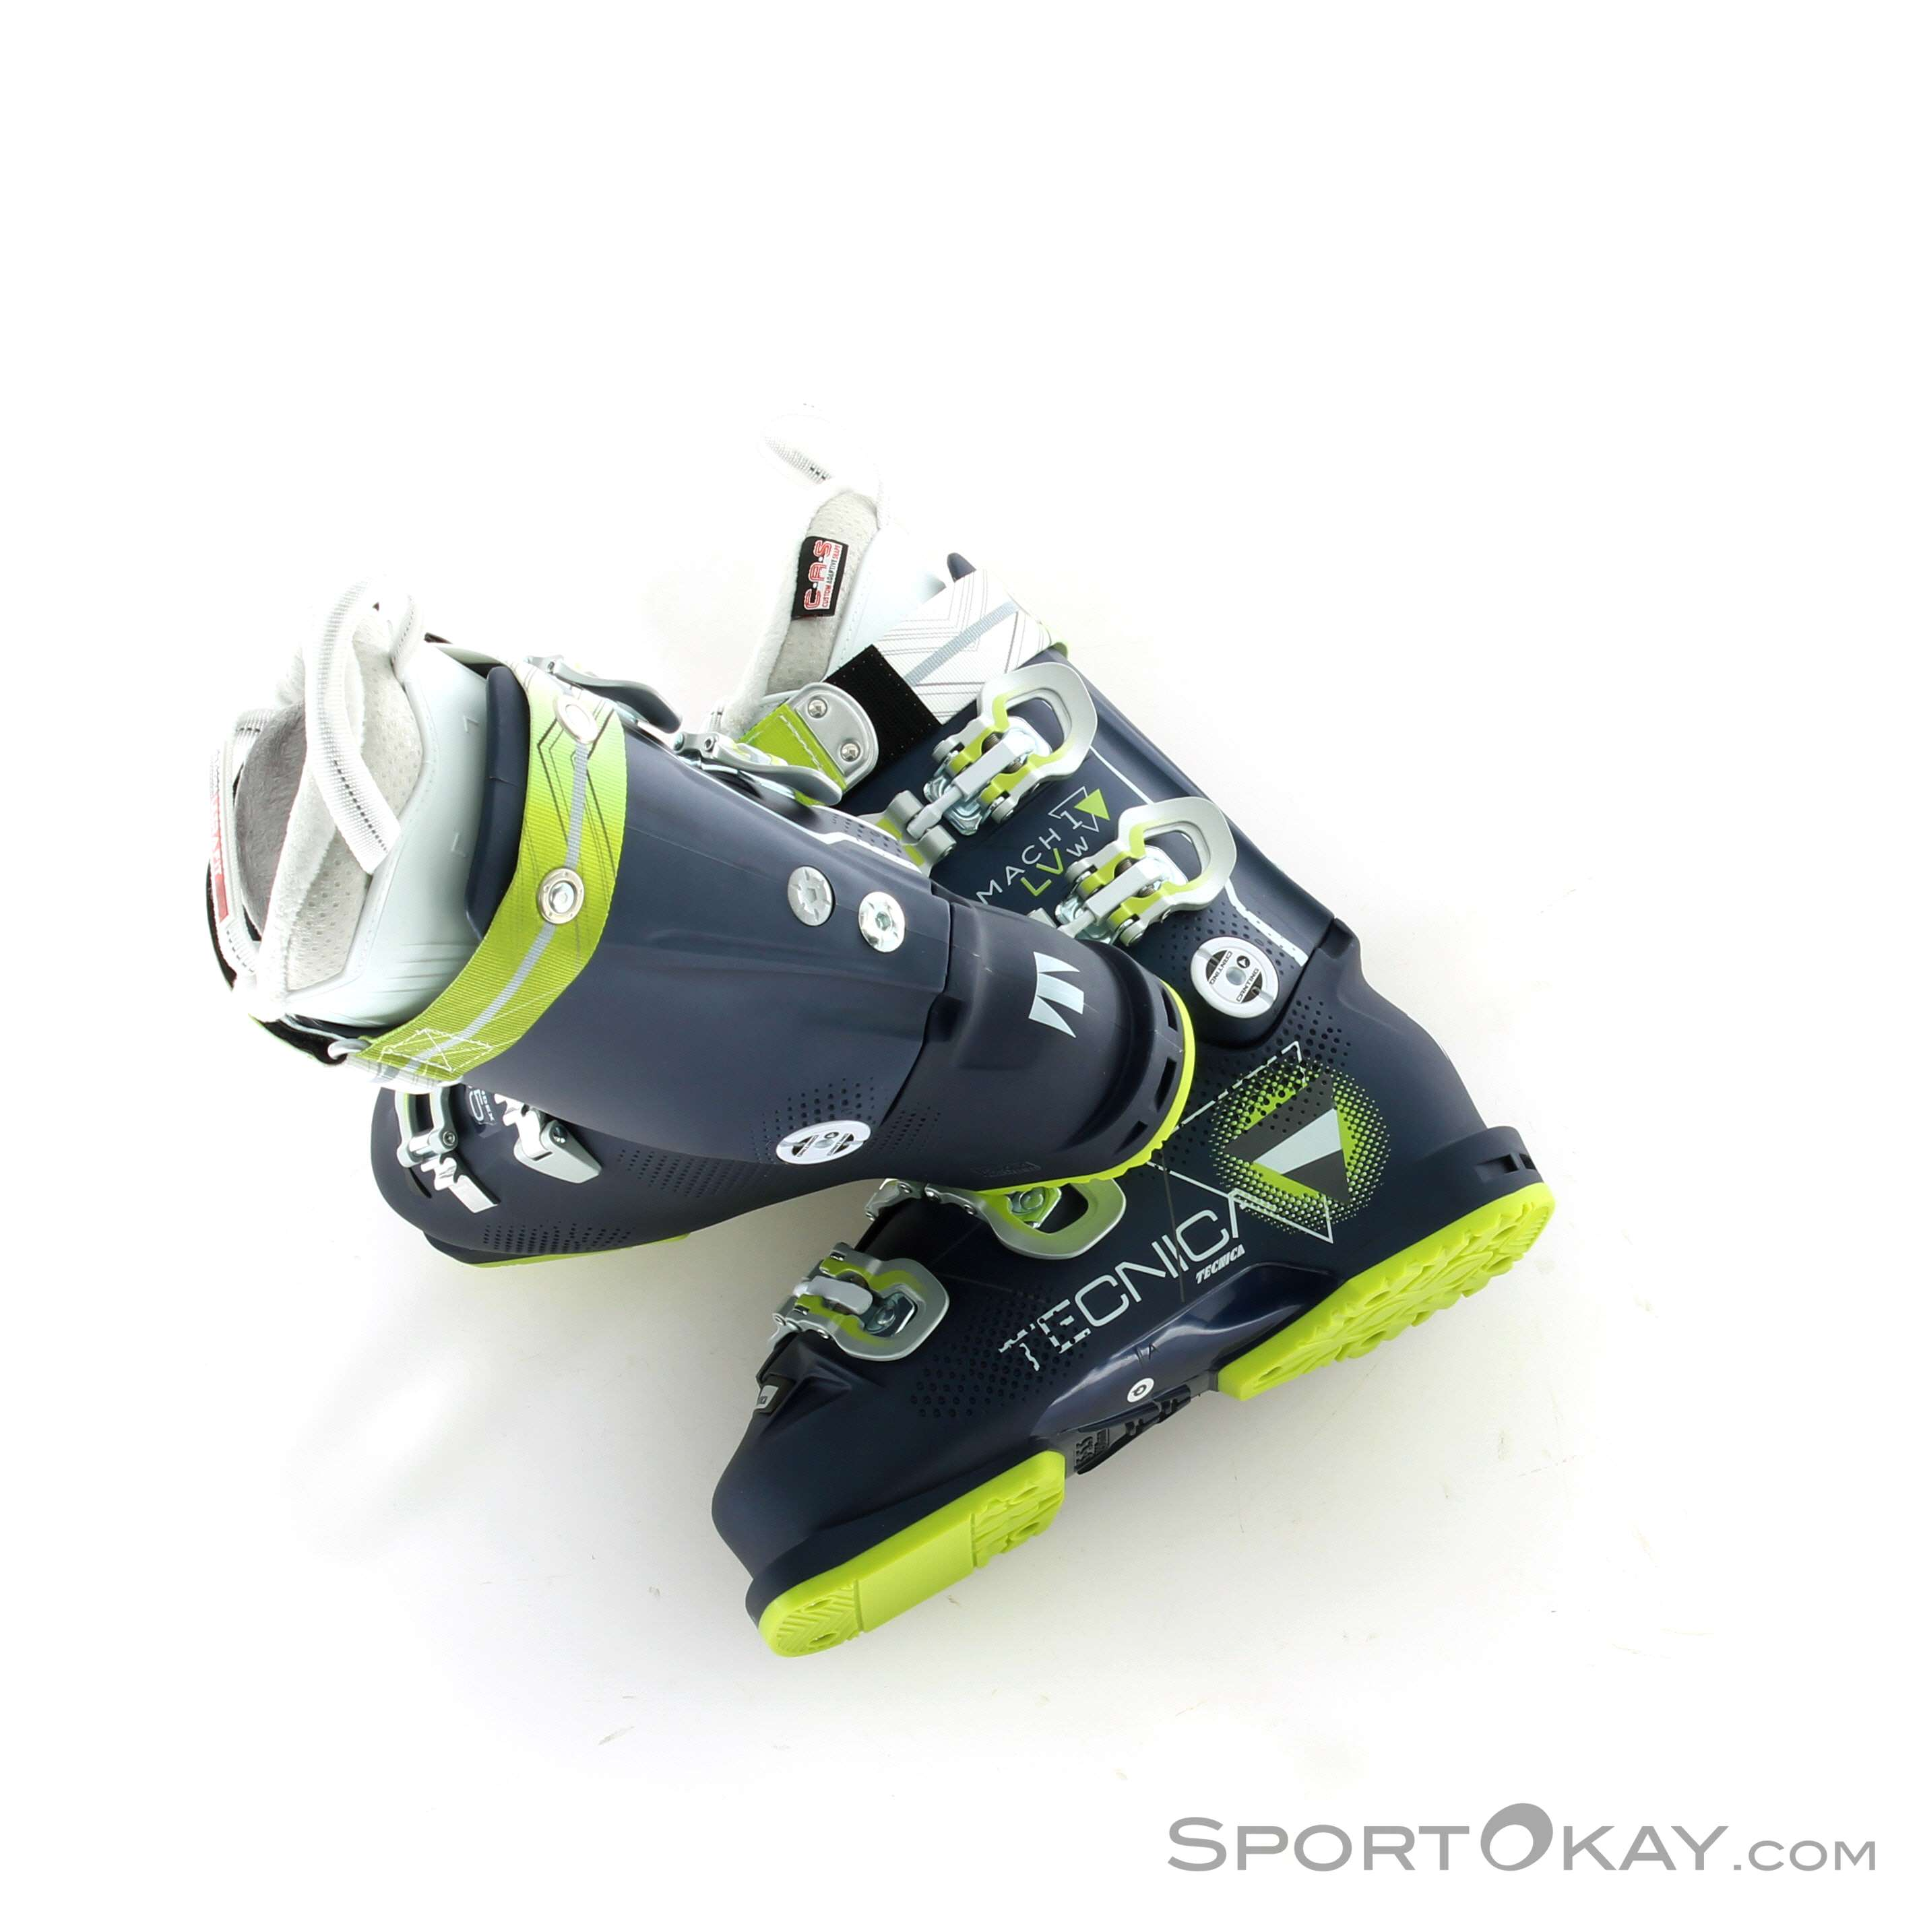 e9fdfd666083 Tecnica Mach1 95 W LV Womens Ski Boots - Alpine Ski Boots - Ski ...